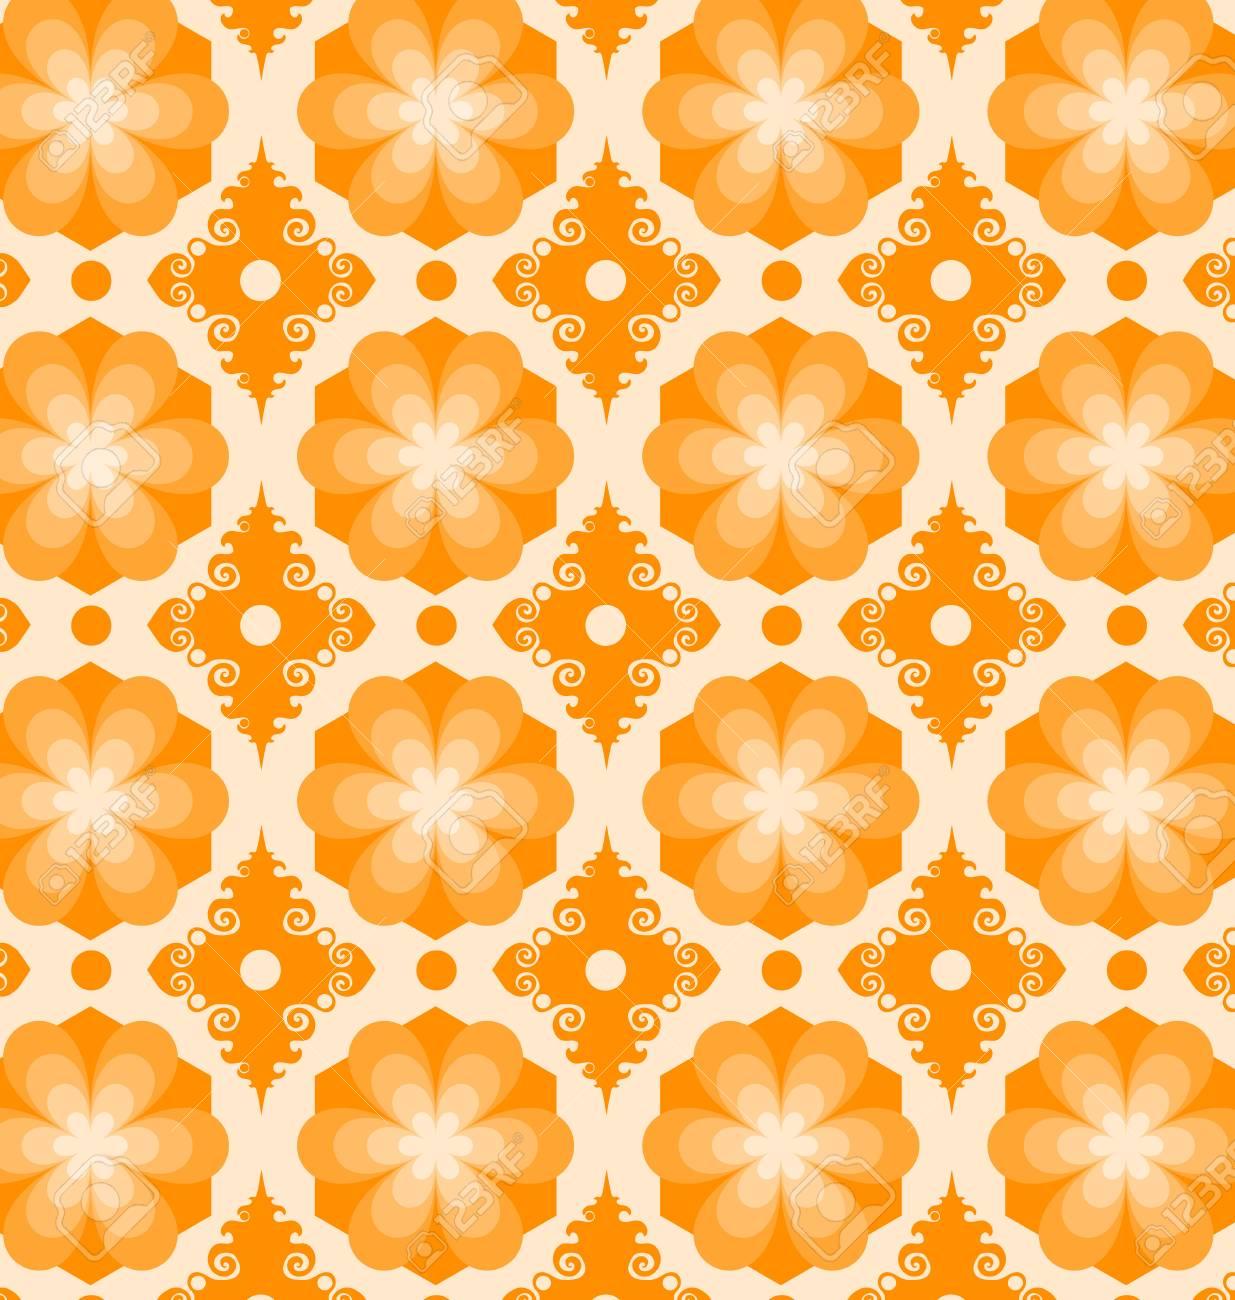 花柄シームレスなモロッコ ポルトガル タイル Azulejo 装飾品 壁紙 パターンの塗りつぶし テクスチャ タイル Web ページの背景に使用できます のイラスト素材 ベクタ Image